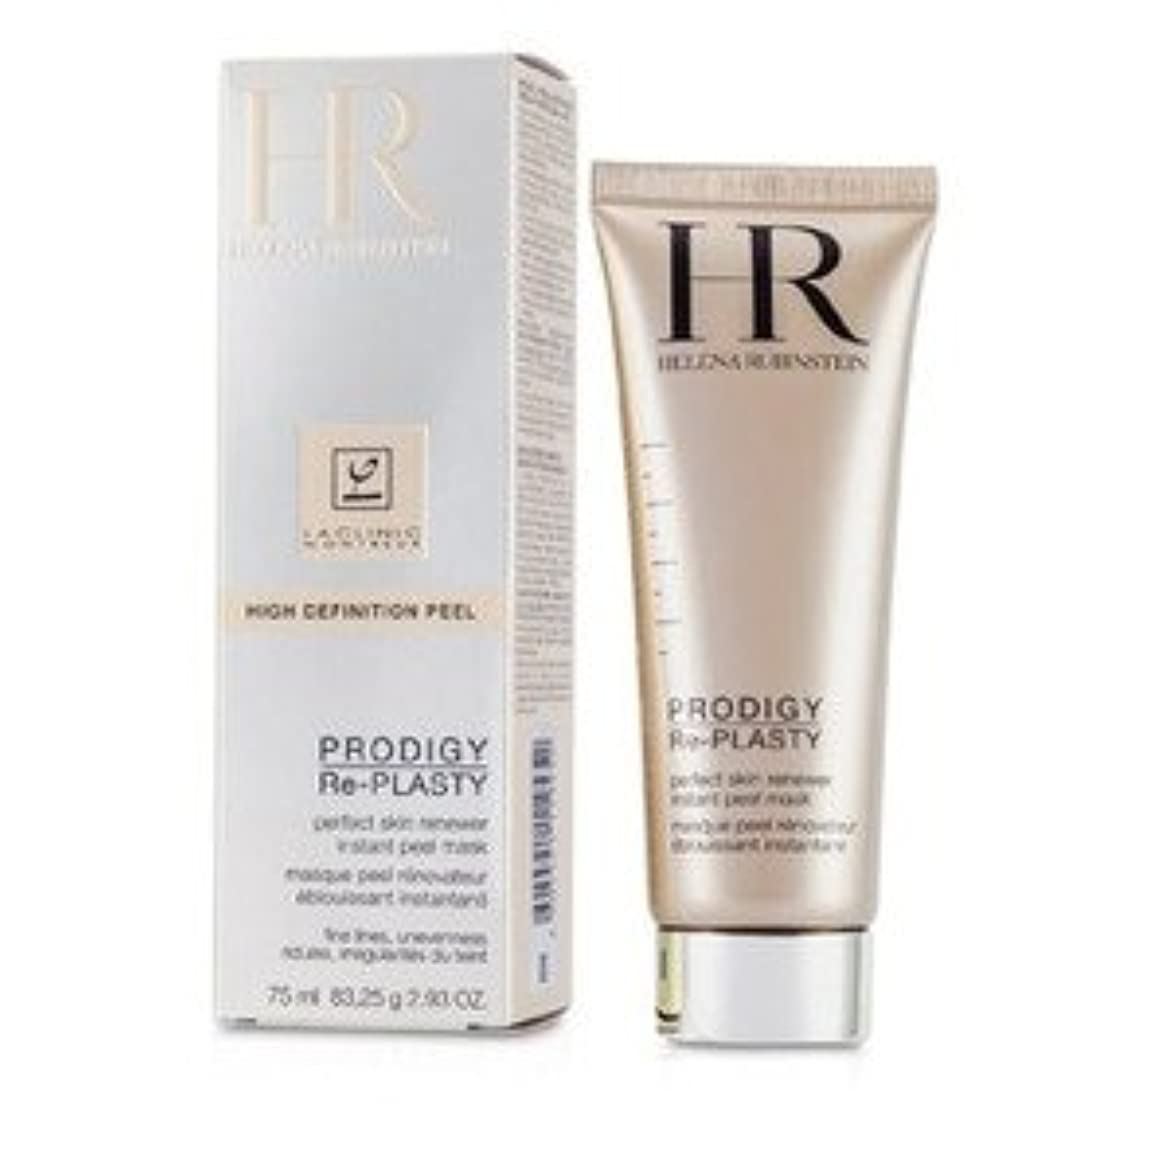 ストリップ約目覚めるHelena Rubinstein(ヘレナ?ルビンスタイン) Prodigy Re-Plasty High Definition Peel Perfect Skin Renewer Instant Peel Mask 75ml...